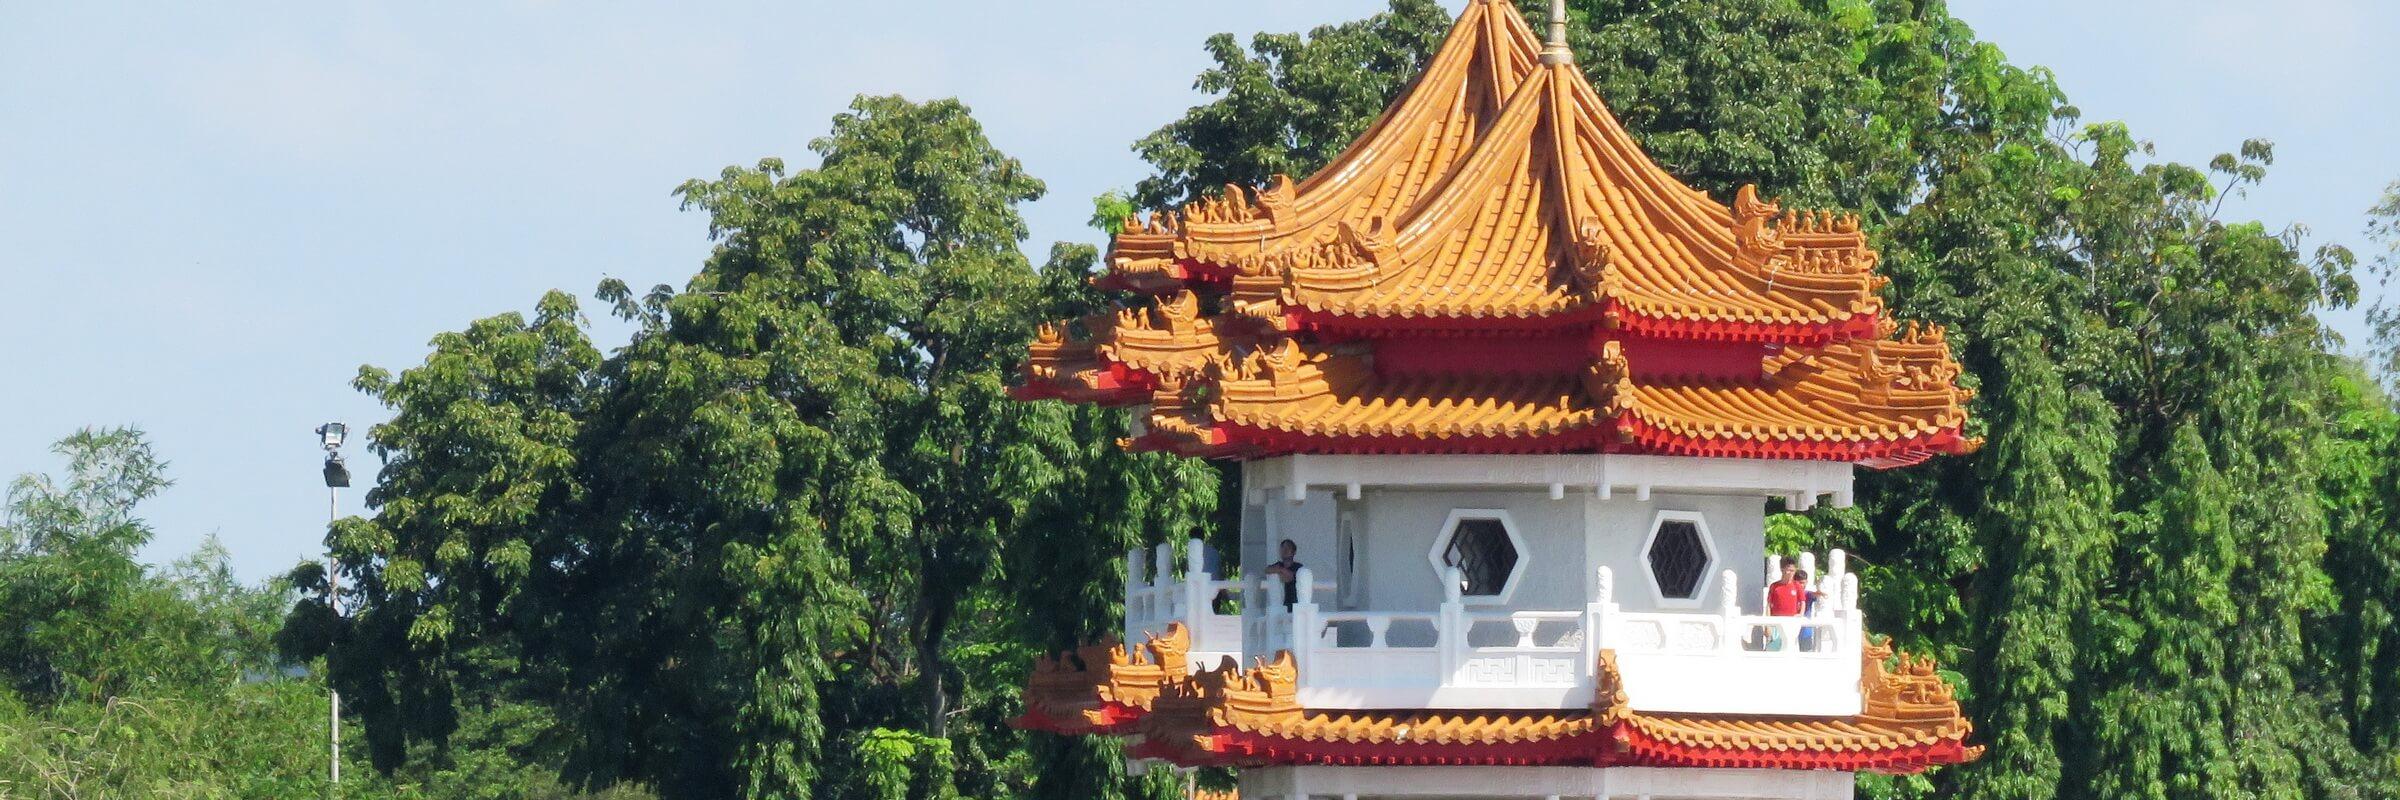 Der Chinesische Garten ist ein 13,5 Hektar großer Park in Singapur, der im chinesischen Architektur- und Landschaftsbaustil gestaltet wurde.